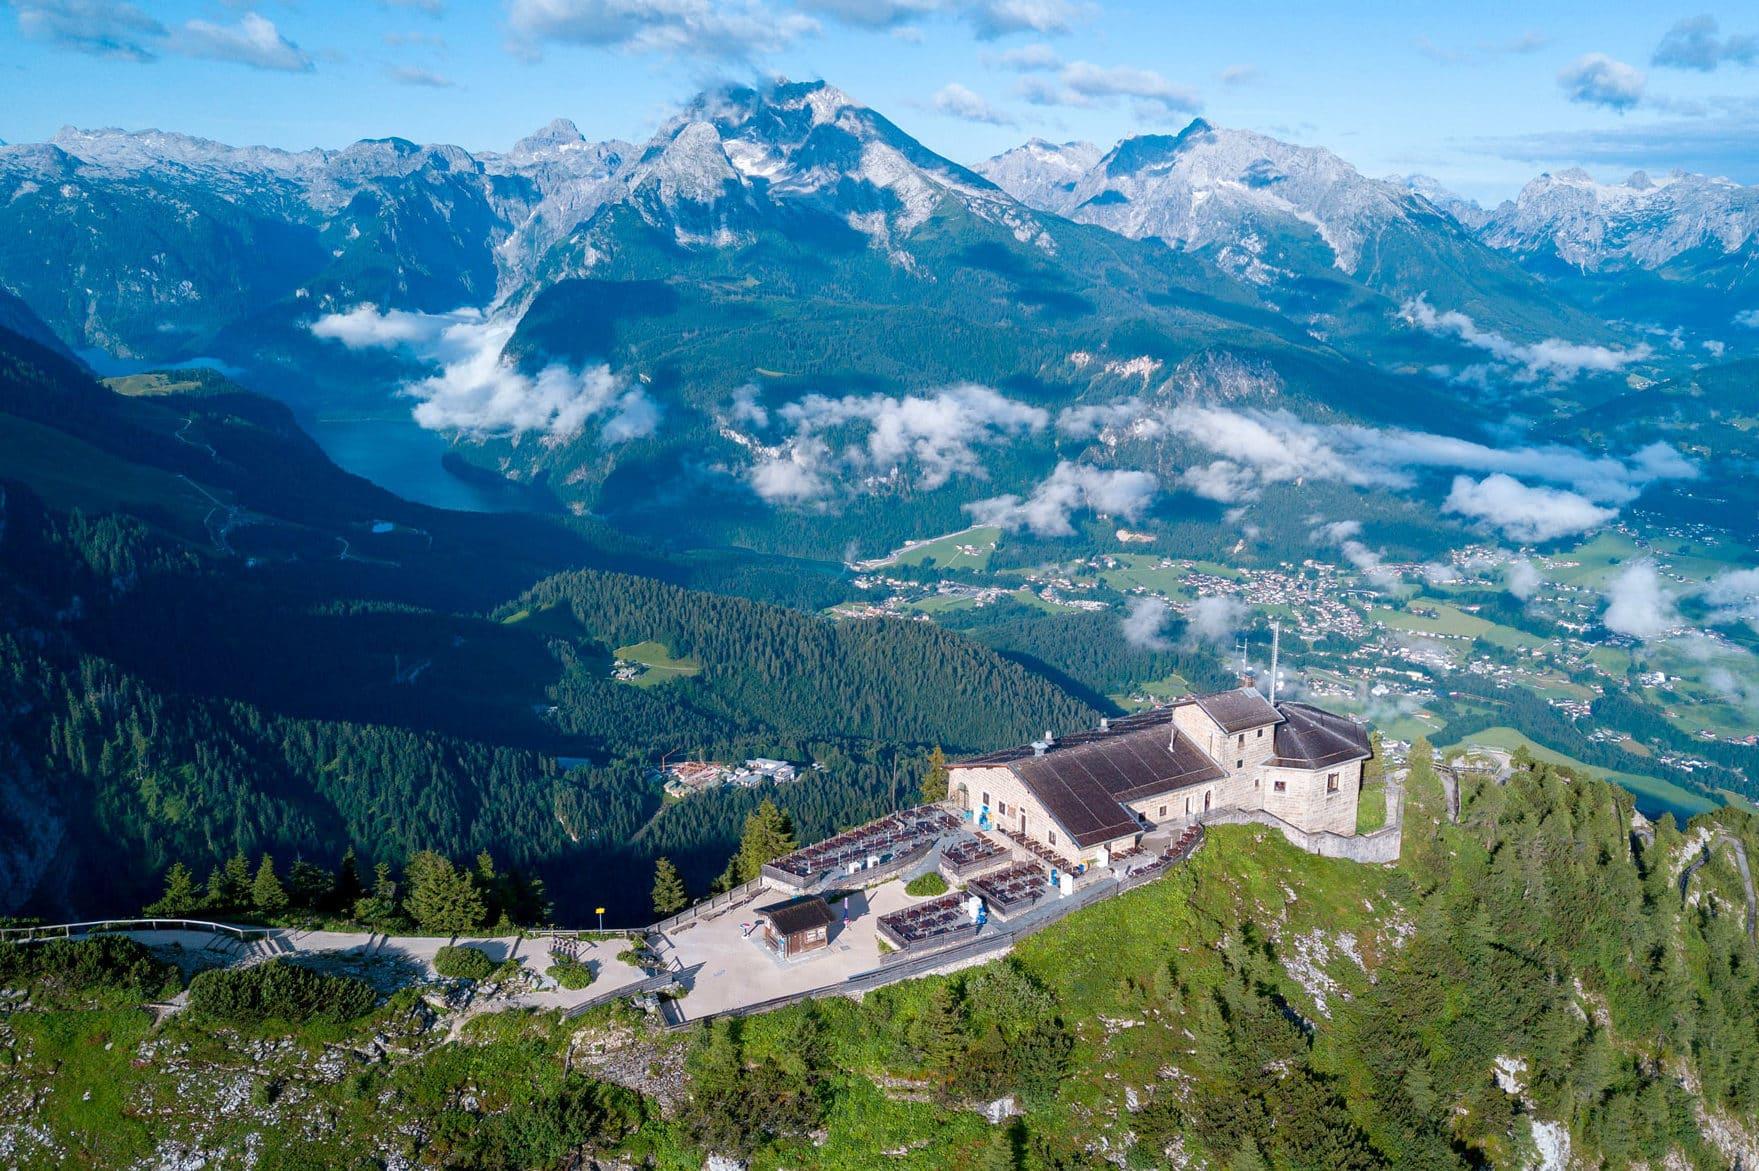 Das Kehlsteinhaus liegt, einem Adlernest gleich, über dem Berchtesgadener Land und bietet eine atemberaubende Aussicht über den Landkreis